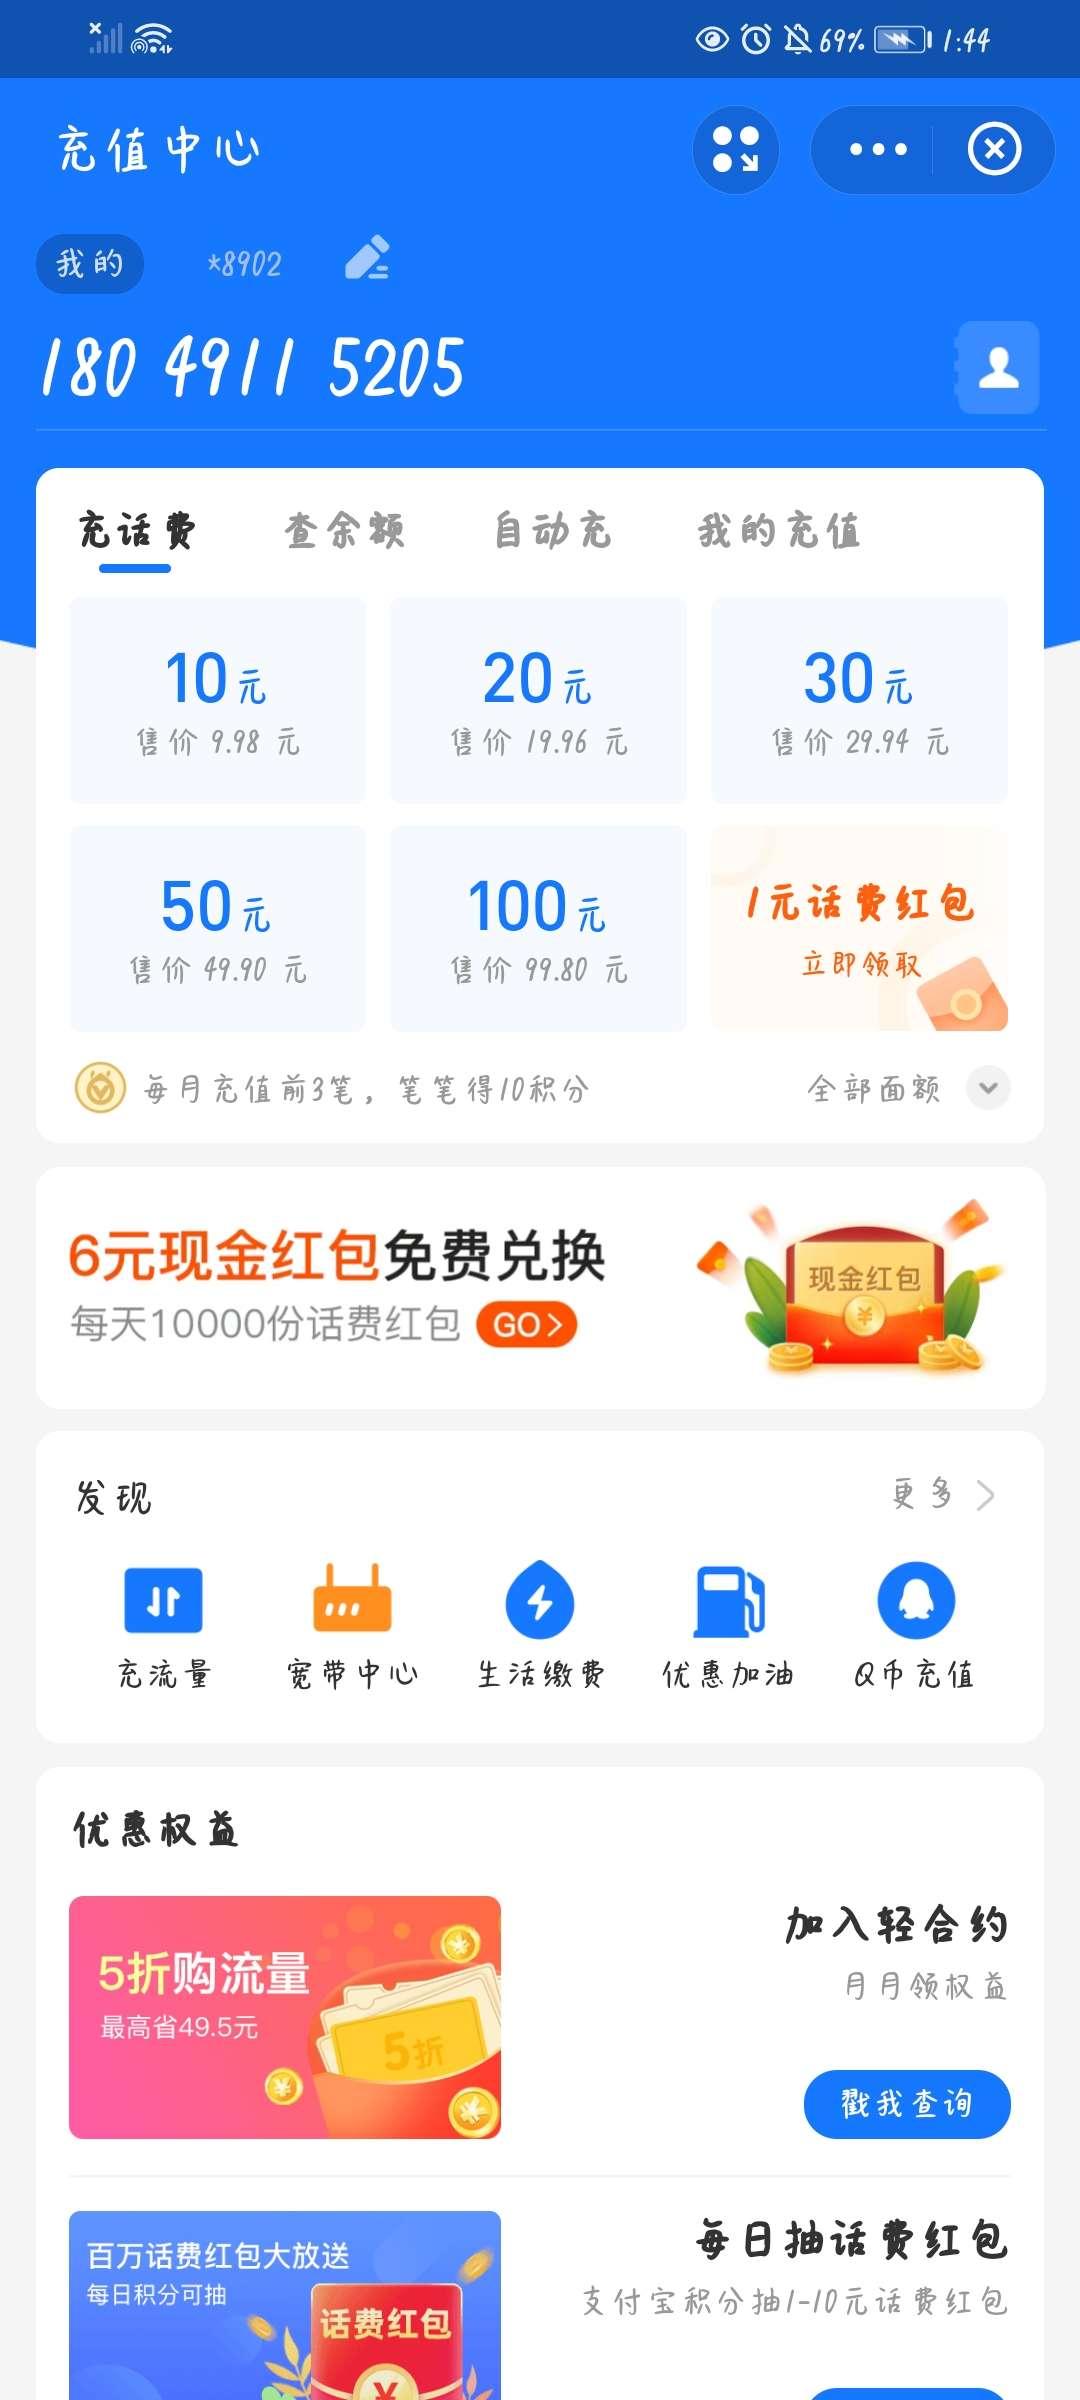 图片[2]-支付宝10充20话费-老友薅羊毛活动线报网